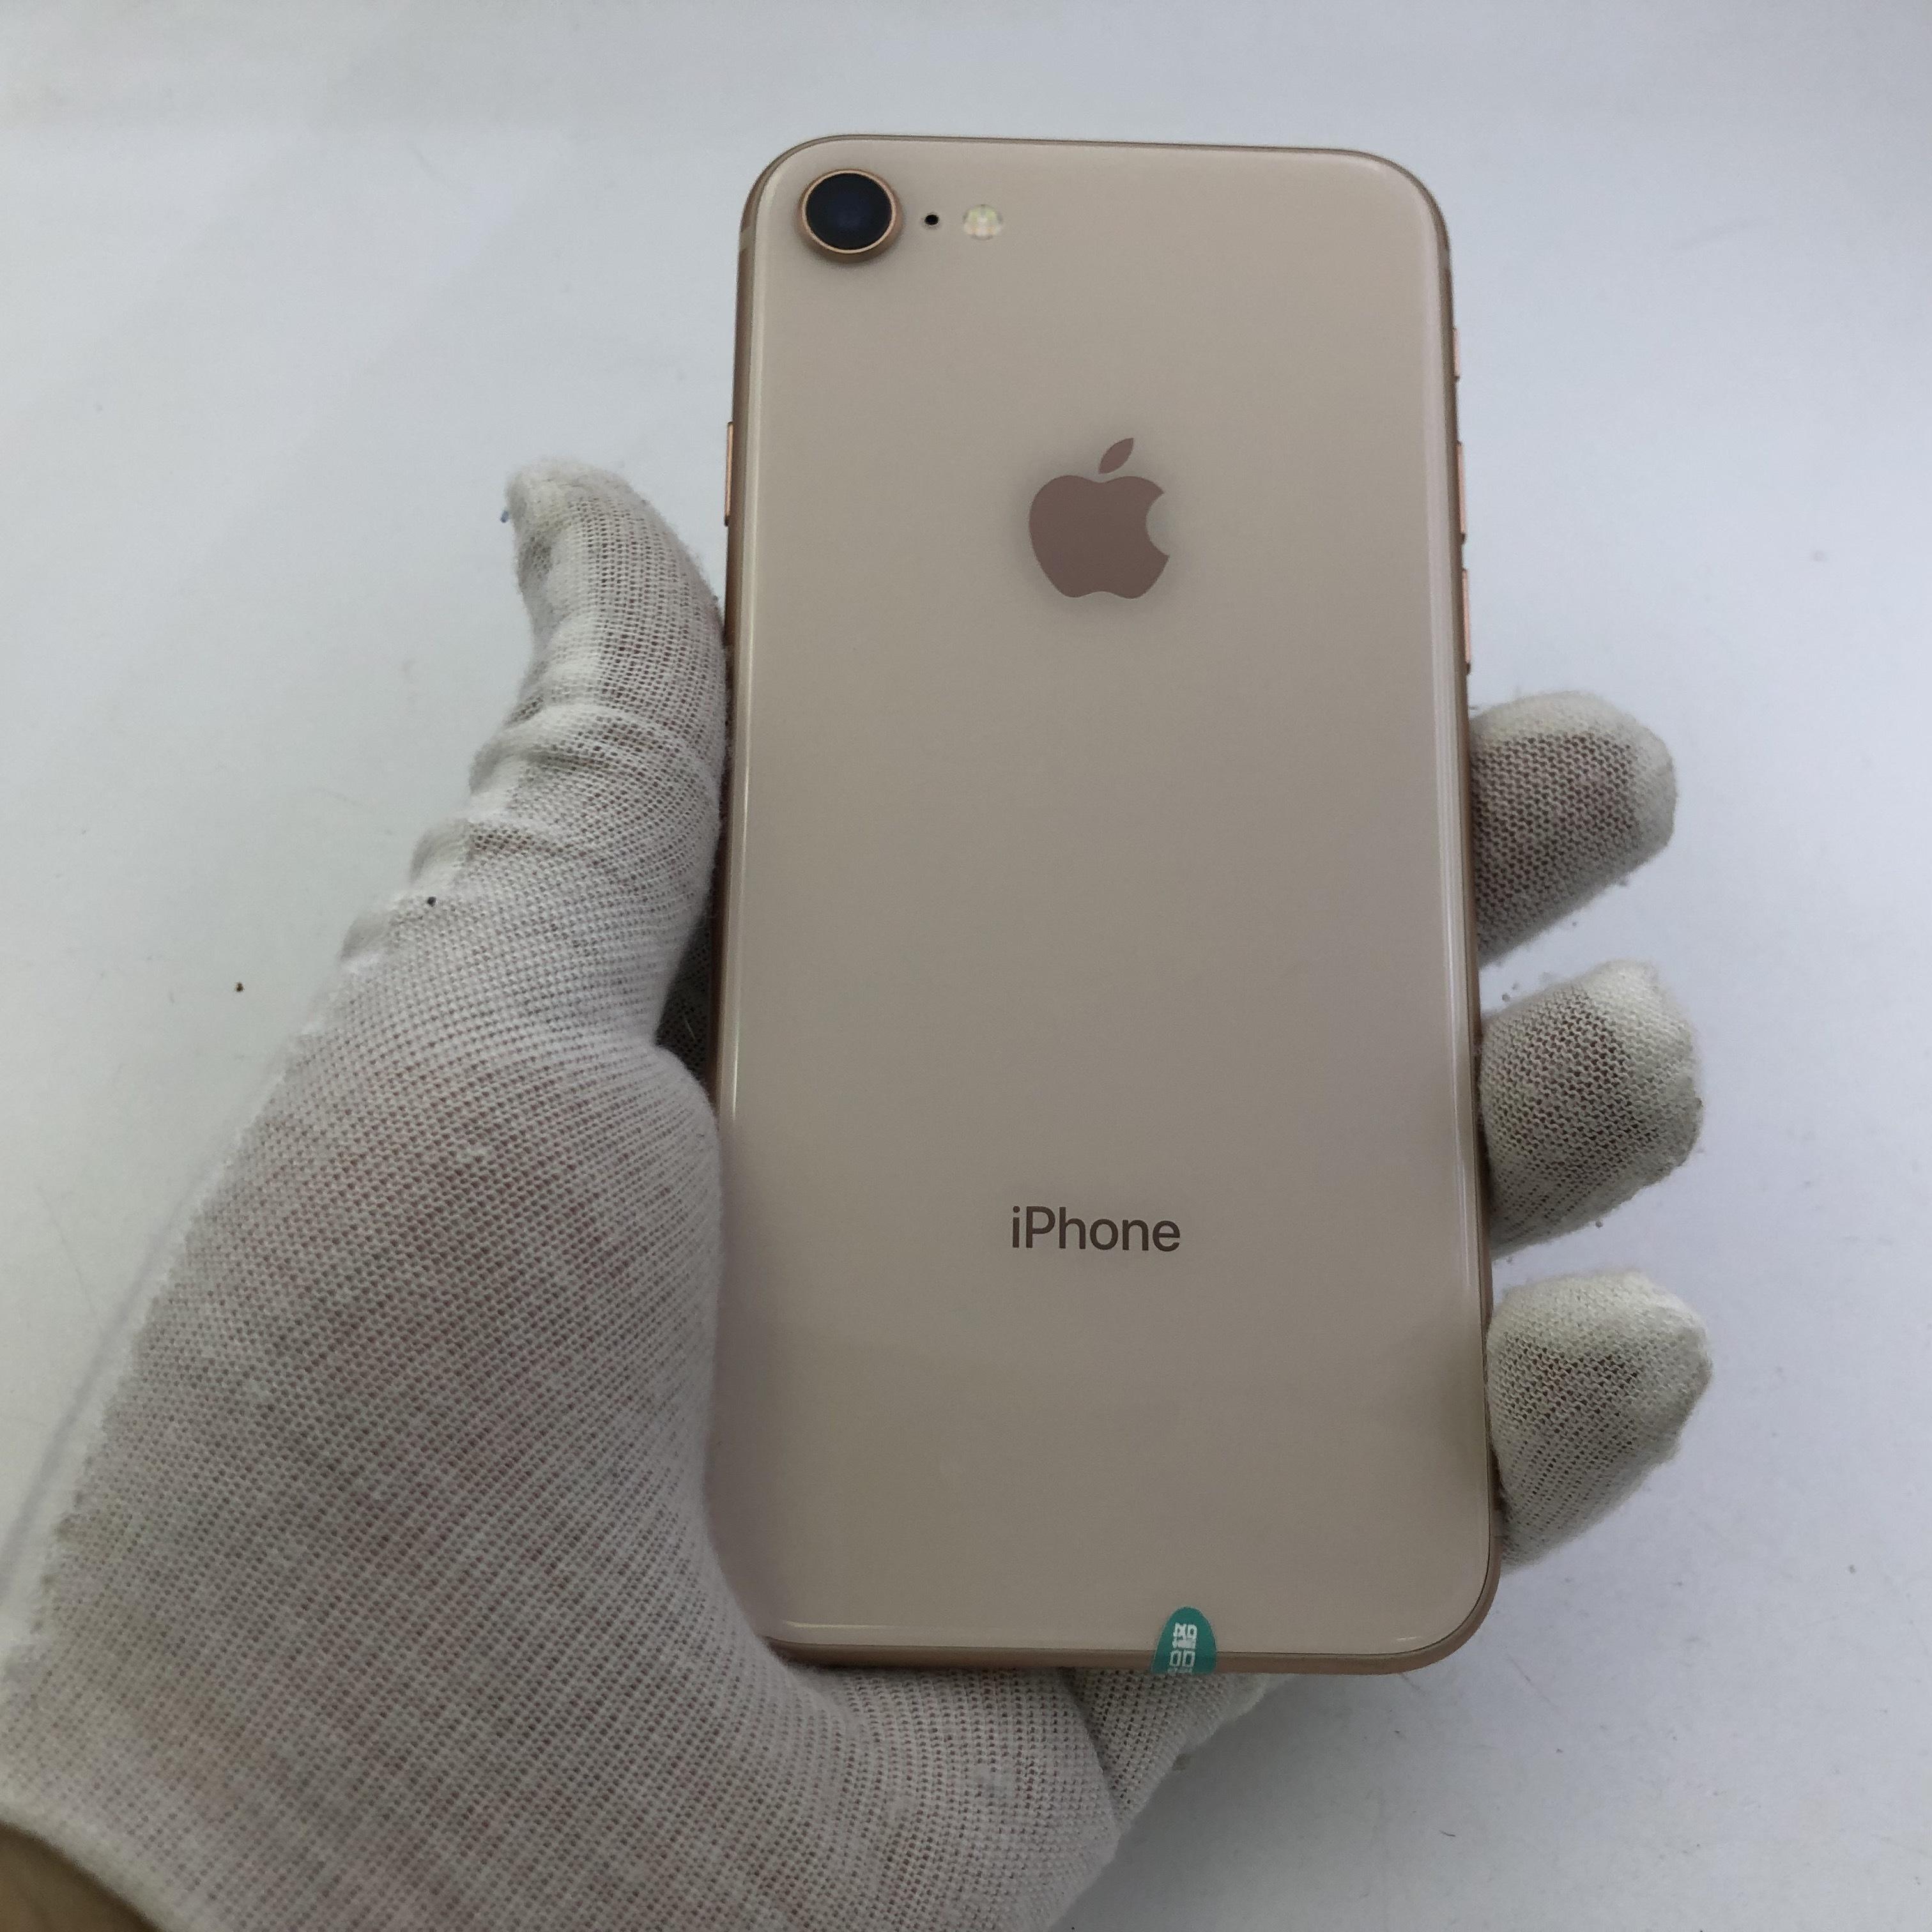 苹果【iPhone 8】移动联通 4G/3G/2G 金色 64G 国行 8成新